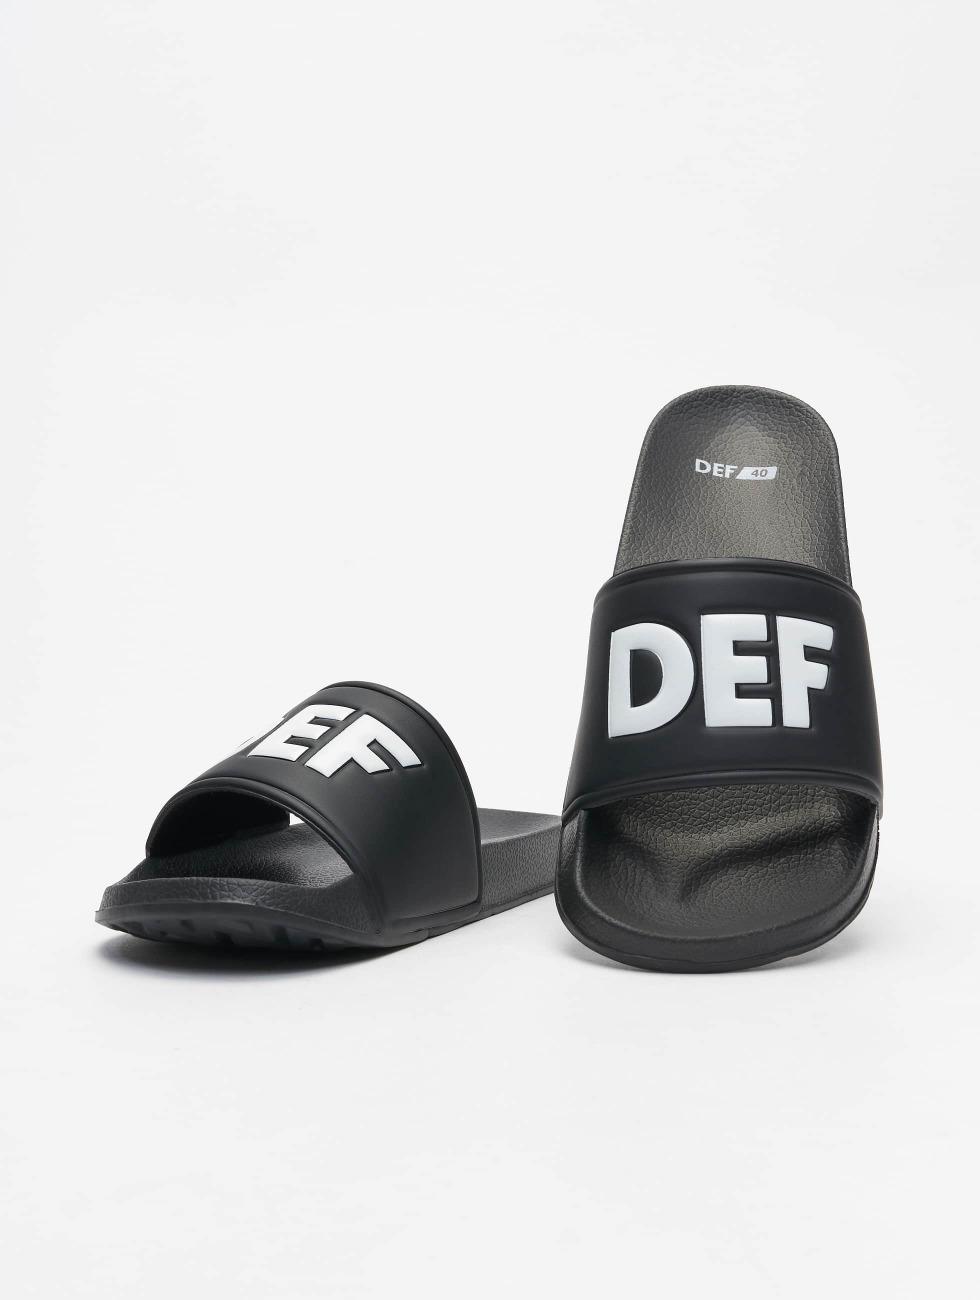 DEF schoen / Slipper/Sandaal Defiletten in zwart 391644 Goedkope Nieuwe Stijlen Verkoop Verkoopbare Ebay Goedkope Online GrShPPXU05